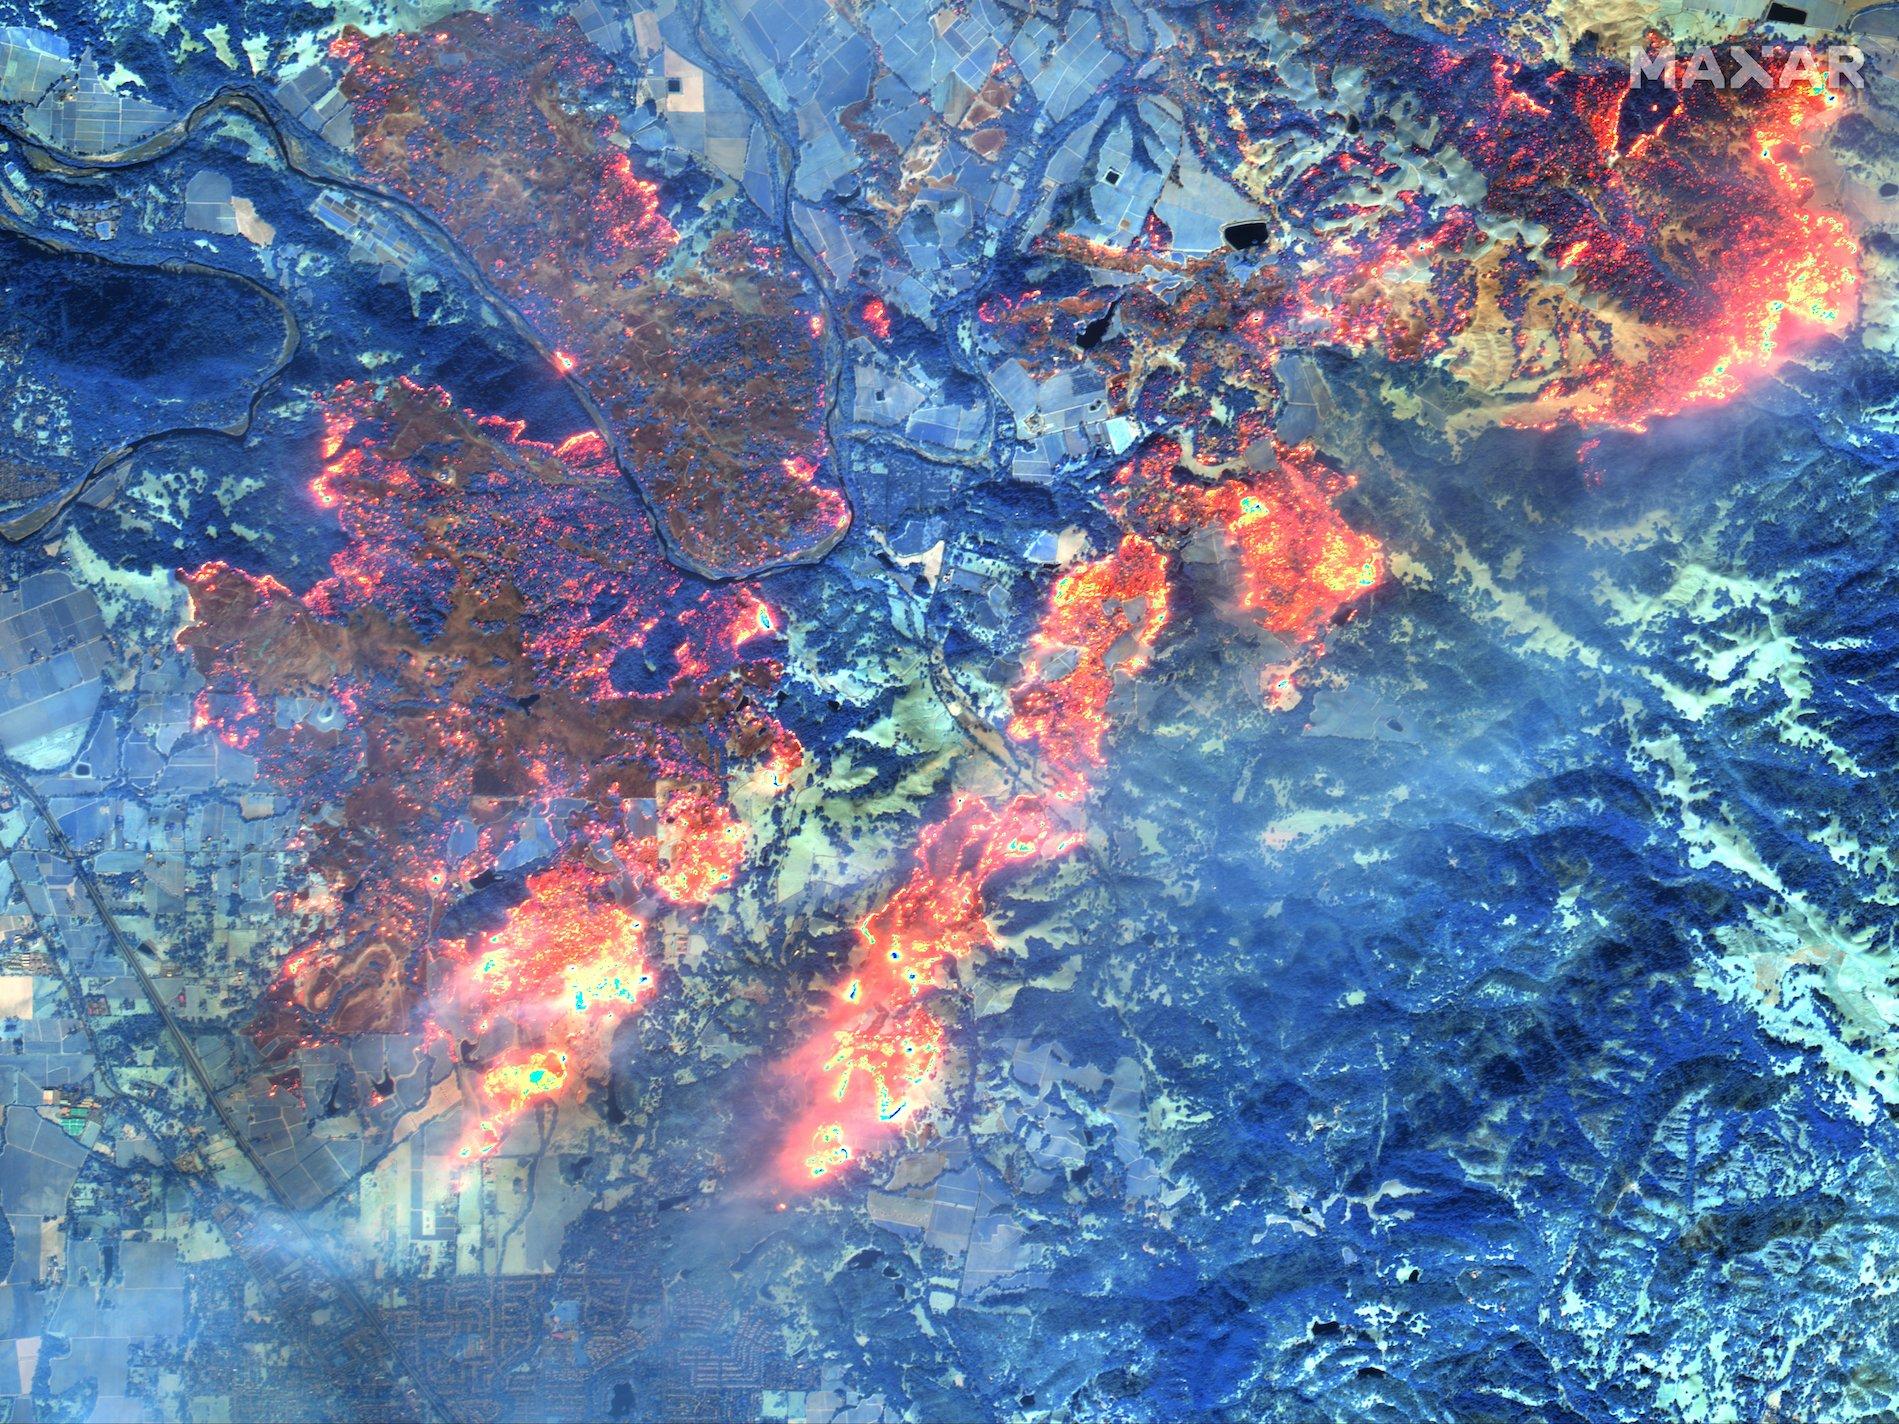 đám cháy nhìn từ không gian